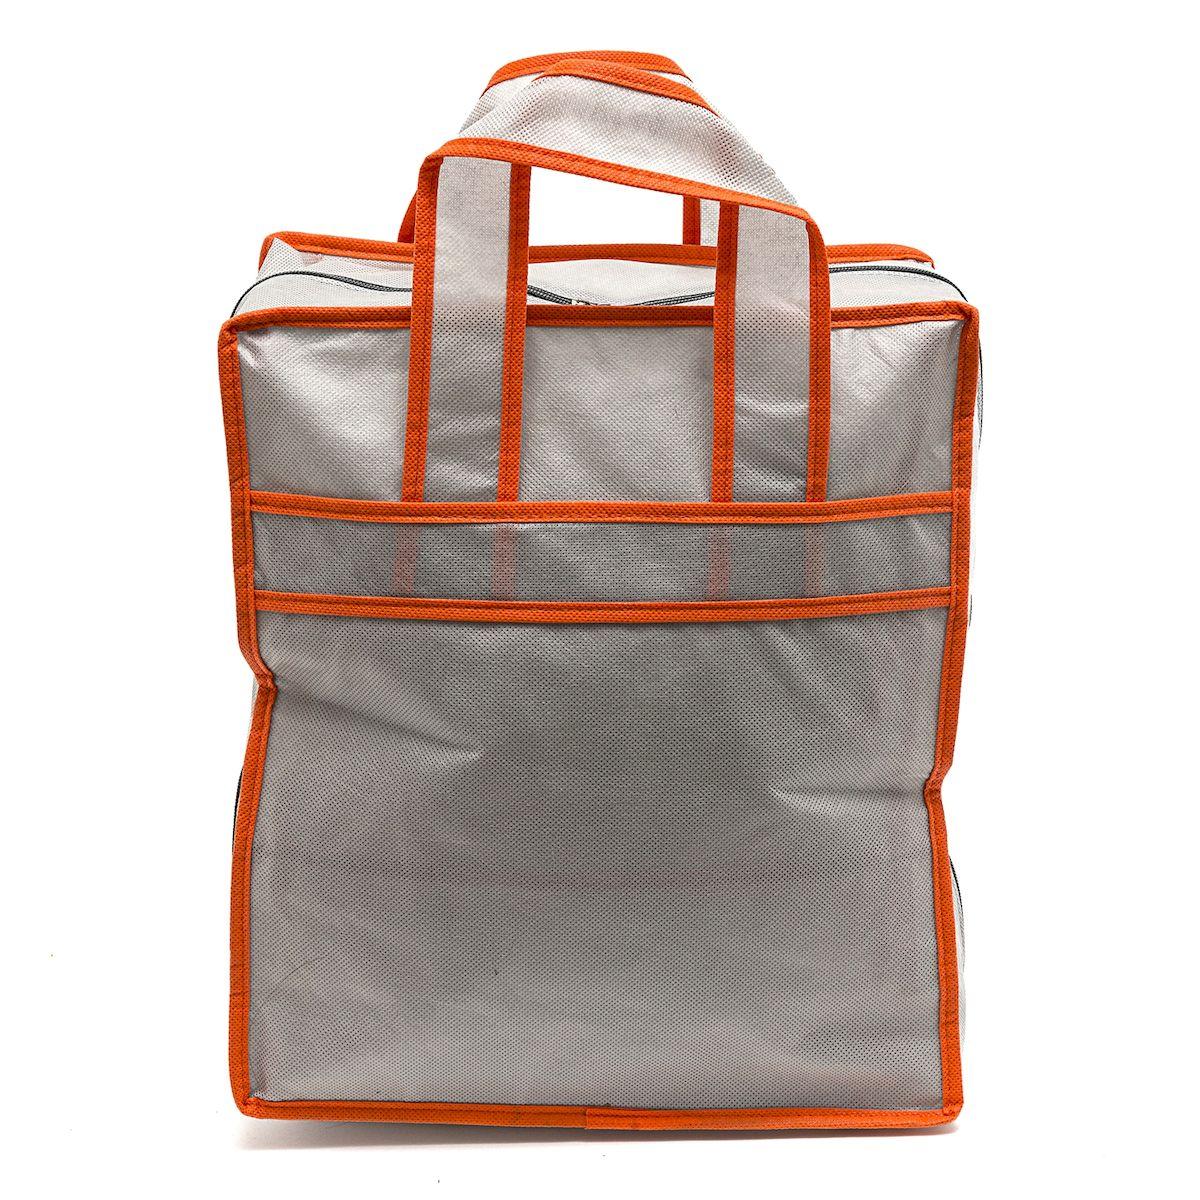 Сумка-чехол для обуви Homsu Space Grey, 6 отделений, 34 x 18 x 39 смHOM-173Универсальная сумка-чехол для обуви Homsu Space Grey выполнена из полиэстера и ПВХ, что обеспечивает вашей обуви защиту от повреждений, грязи при транспортировке и проникновения моли при хранении. Сумка-чехол хорошо пропускает воздух для естественной вентиляции, что очень важно при хранении кожаной обуви и обуви с мехом. Закрывается на молнию. Изделие имеет 6 отделений.